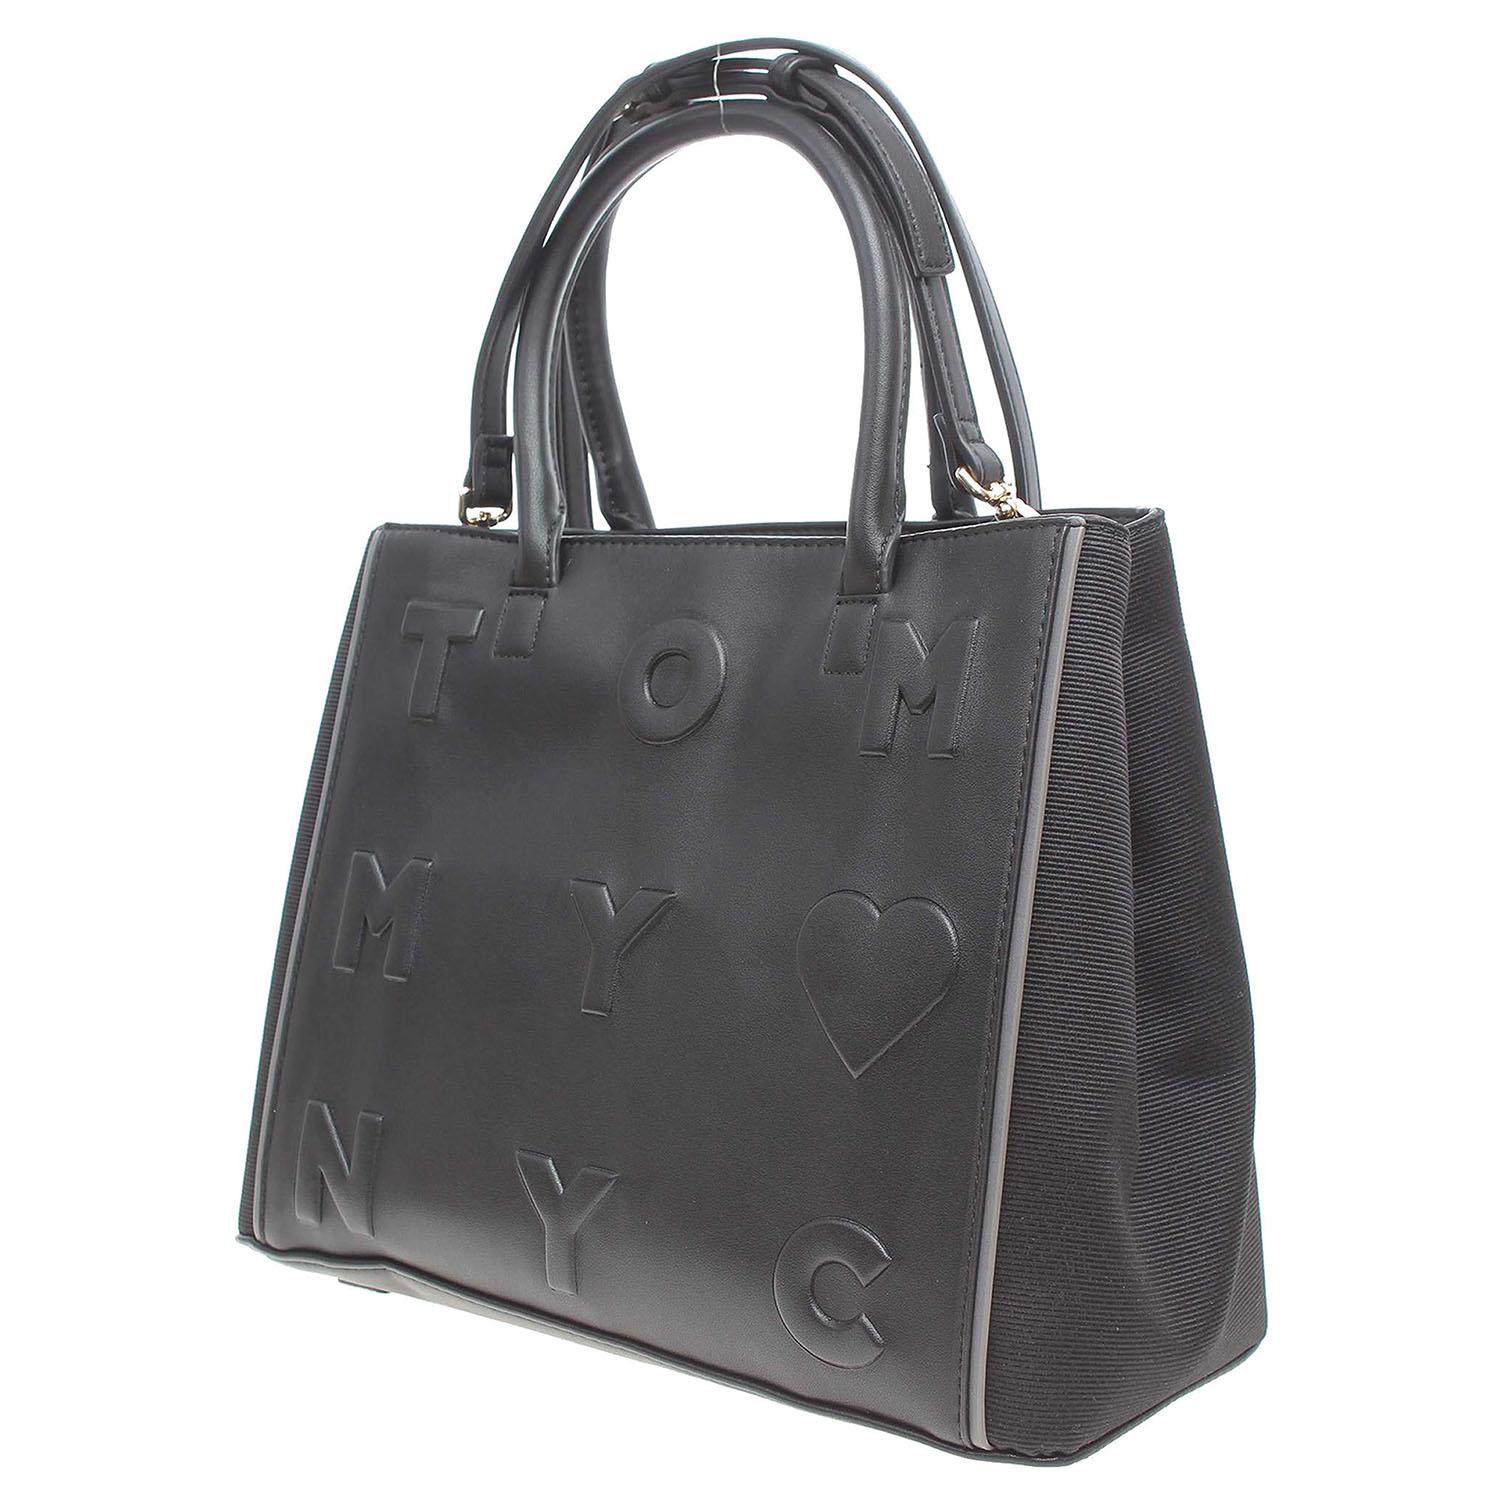 Ecco Tommy Hilfiger dámská kabelka AW0AW03829 černá 11891153